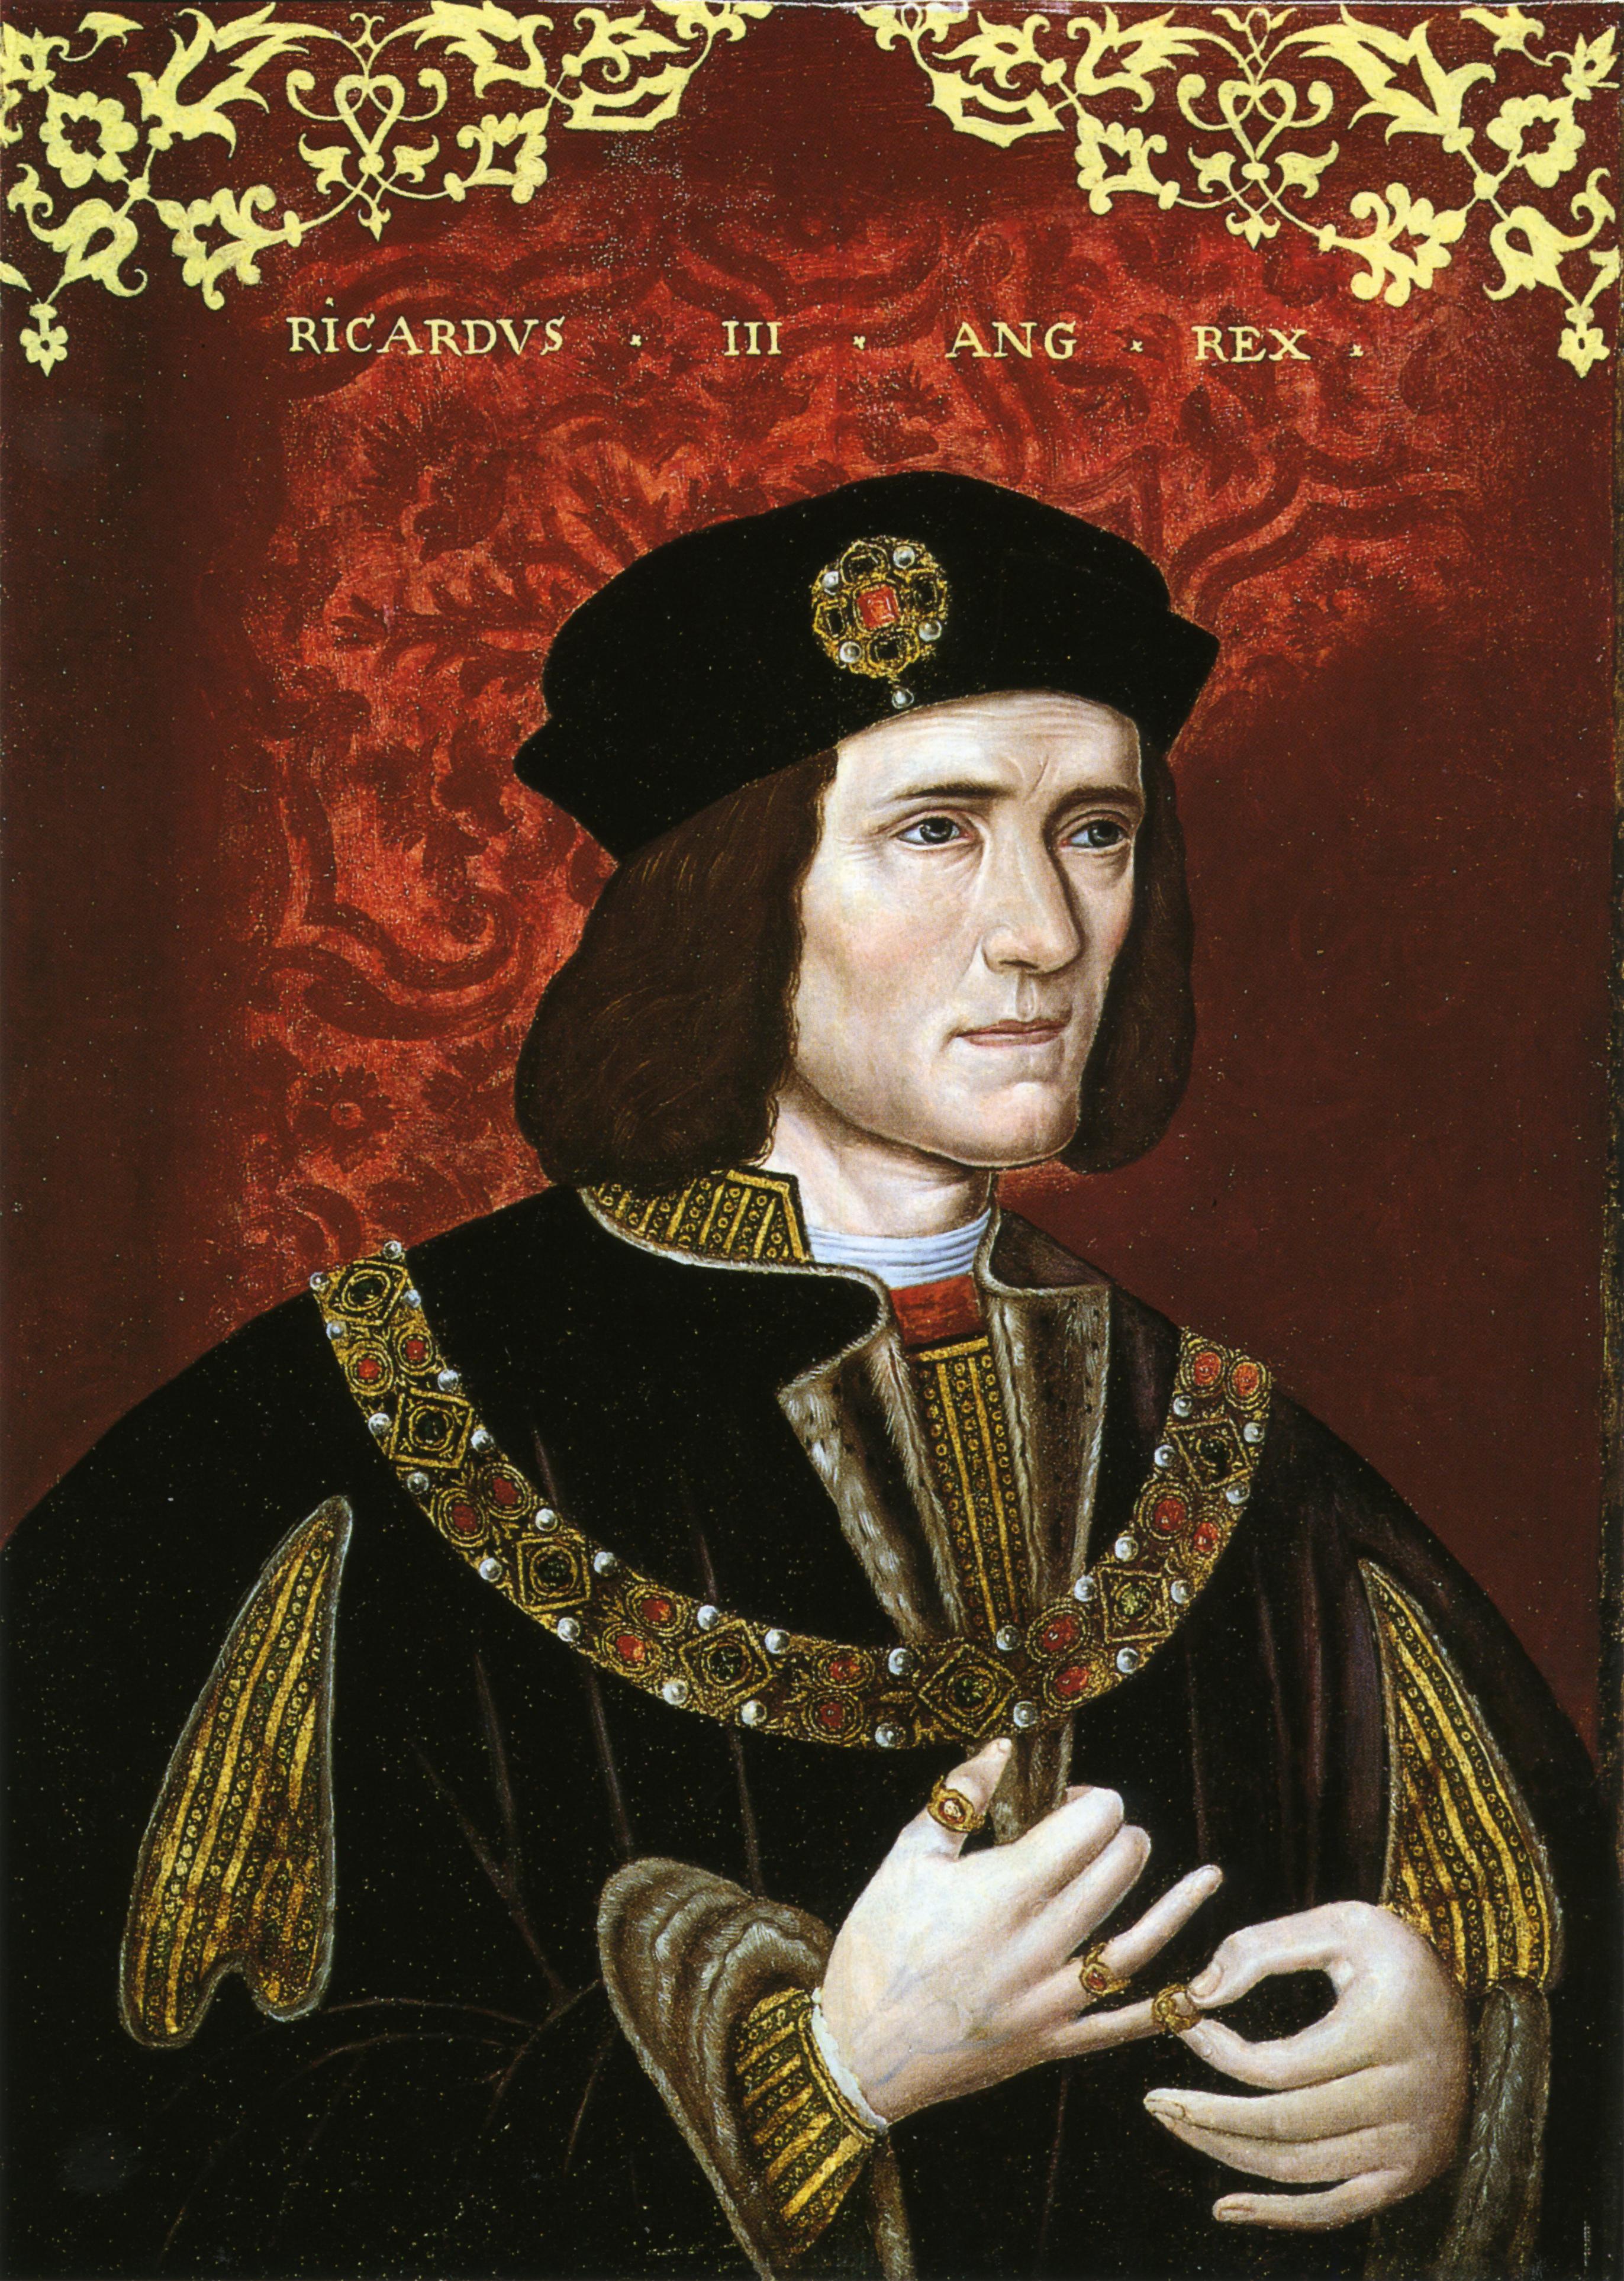 Ричард III. Изображение из Википедии